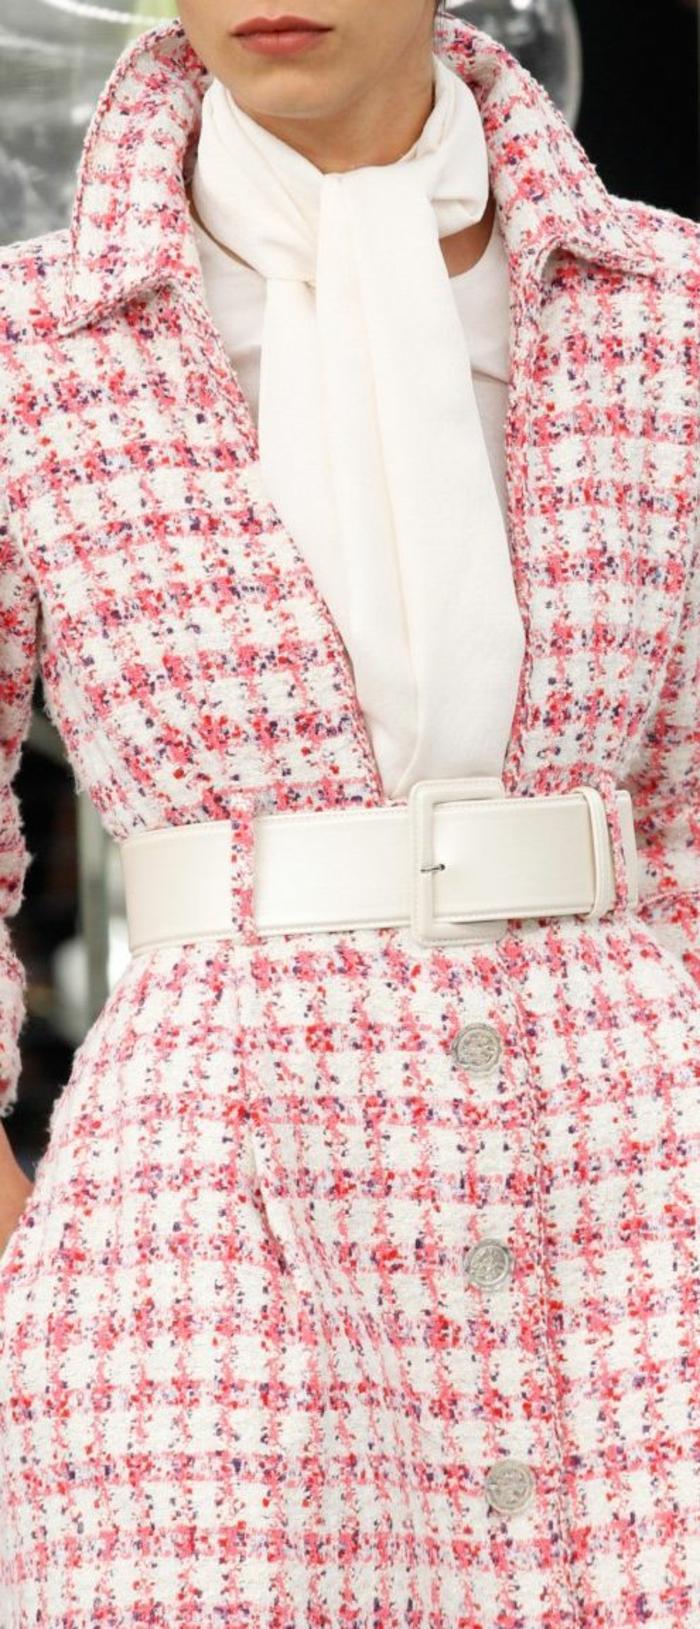 veste femme printemps Chanel blanc et rose avec large ceinture blanche